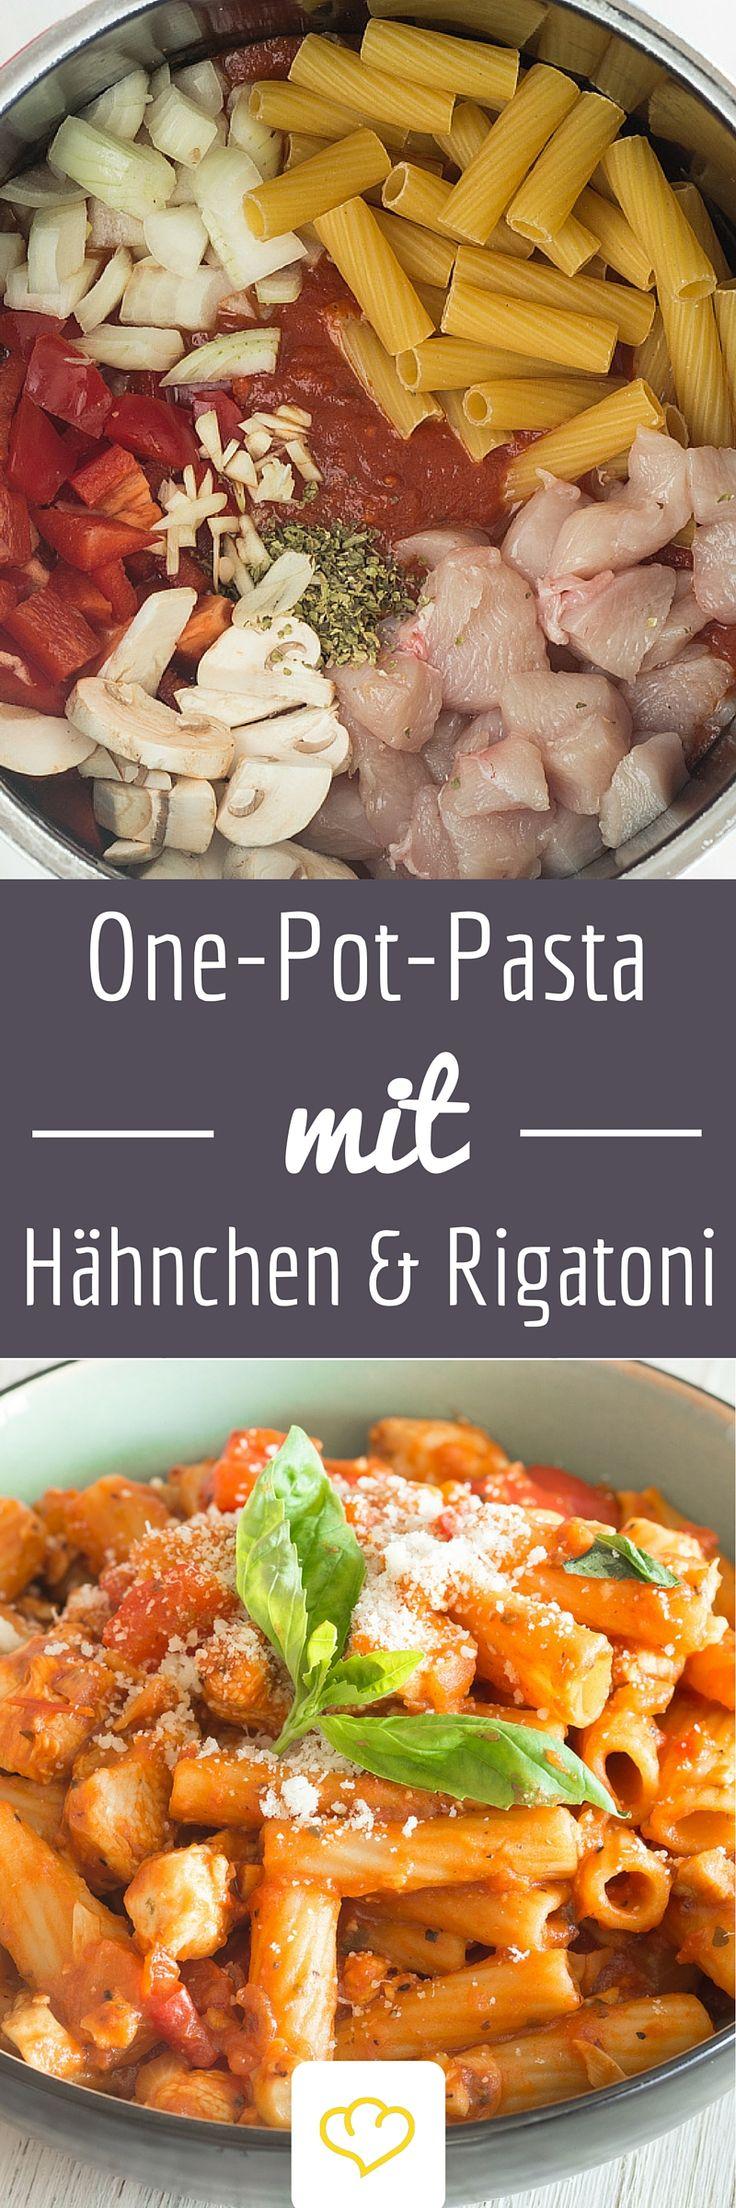 One-Pot-Pasta mit Hähnchen, Tomate und Champignons. Soße und Nudeln kommen aus…